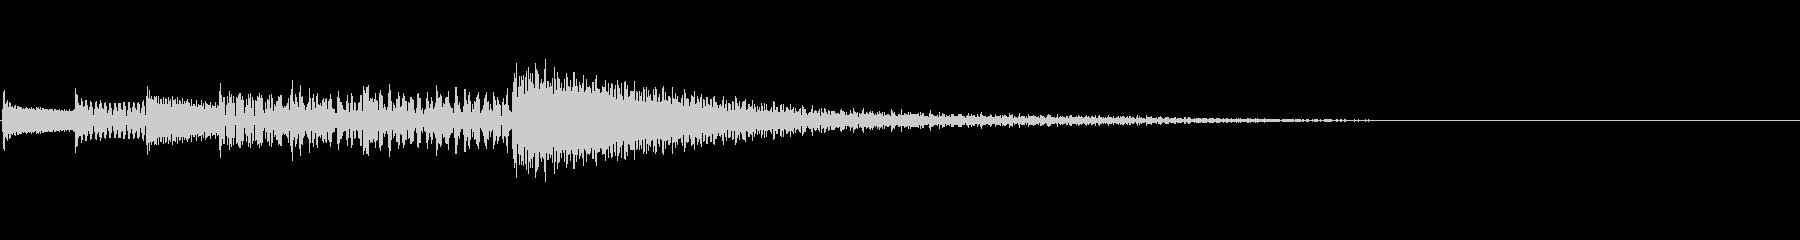 カリンバのシンプルなサウンドロゴの未再生の波形